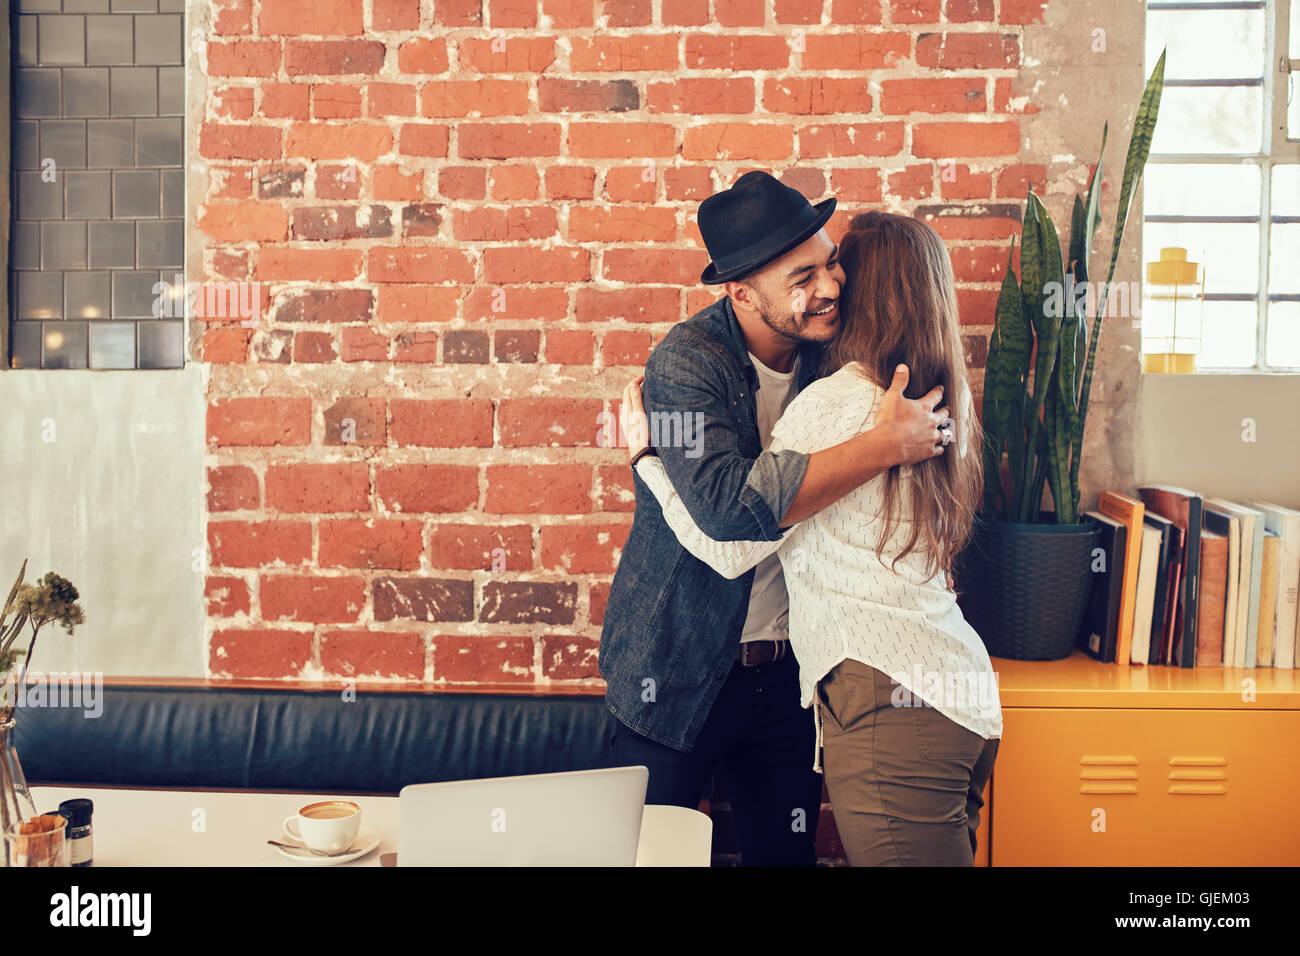 Porträt des jungen Mann eine Frau im Café Gruß. Junger Mann umarmt seine Freundin in einem Café. Stockbild